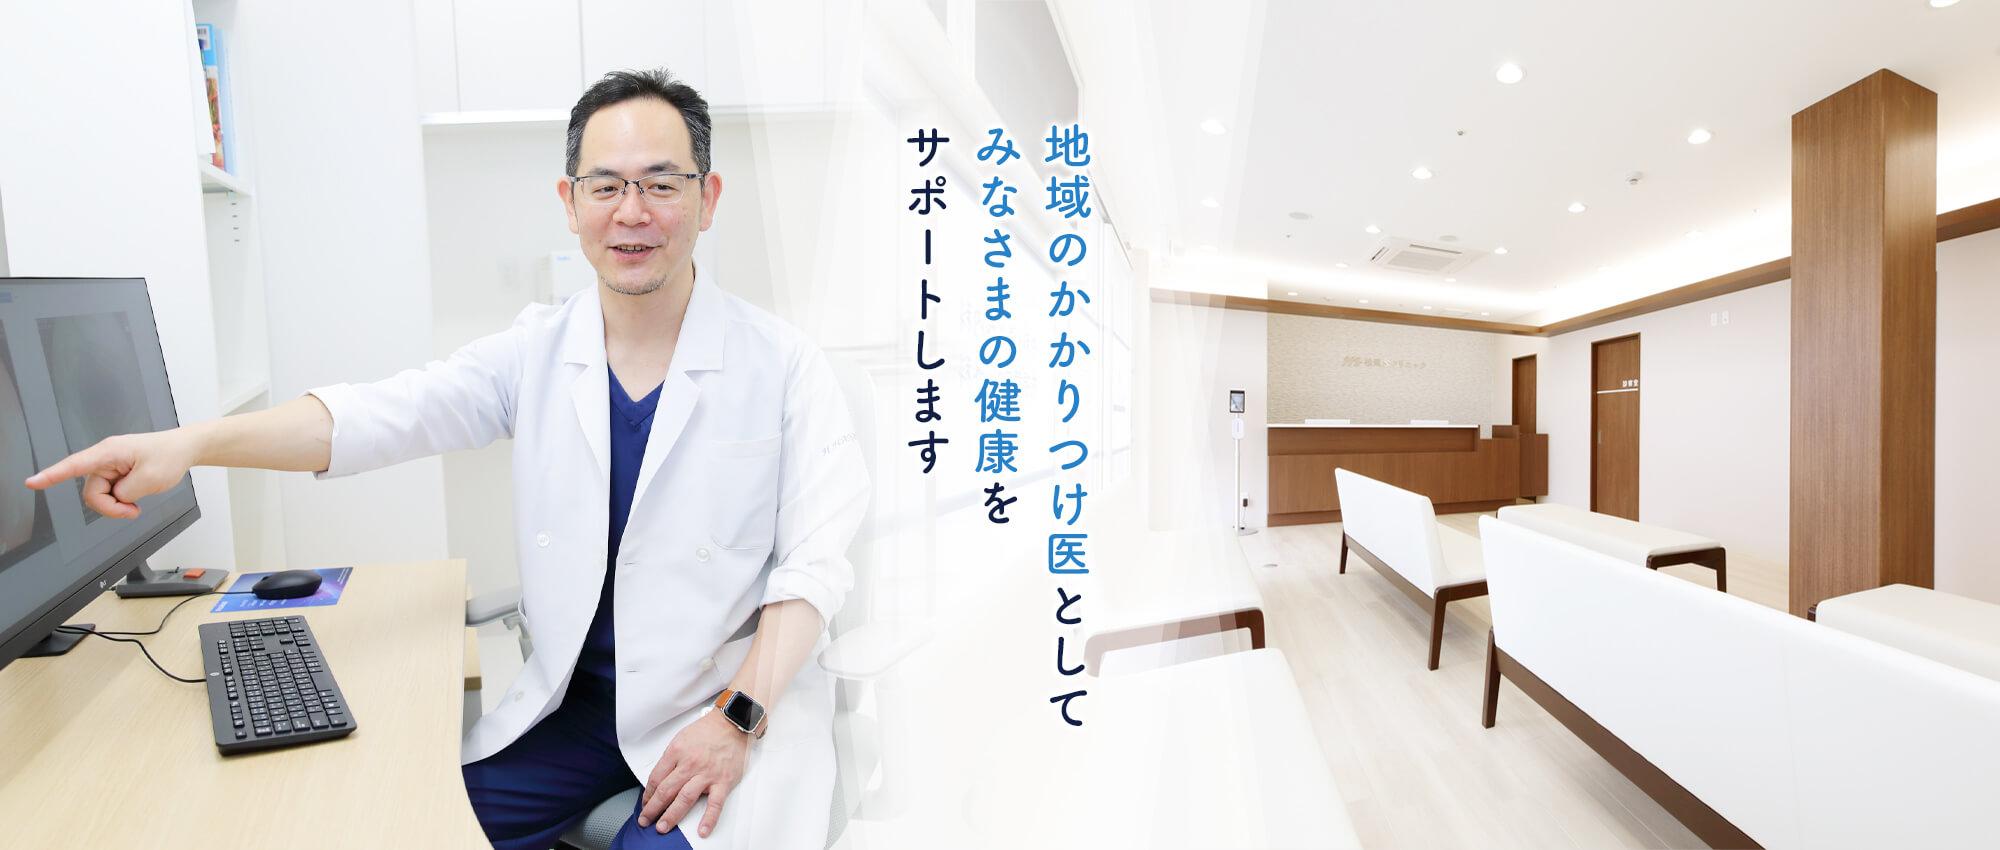 地域のかかりつけ医としてみなさまの健康をサポートします